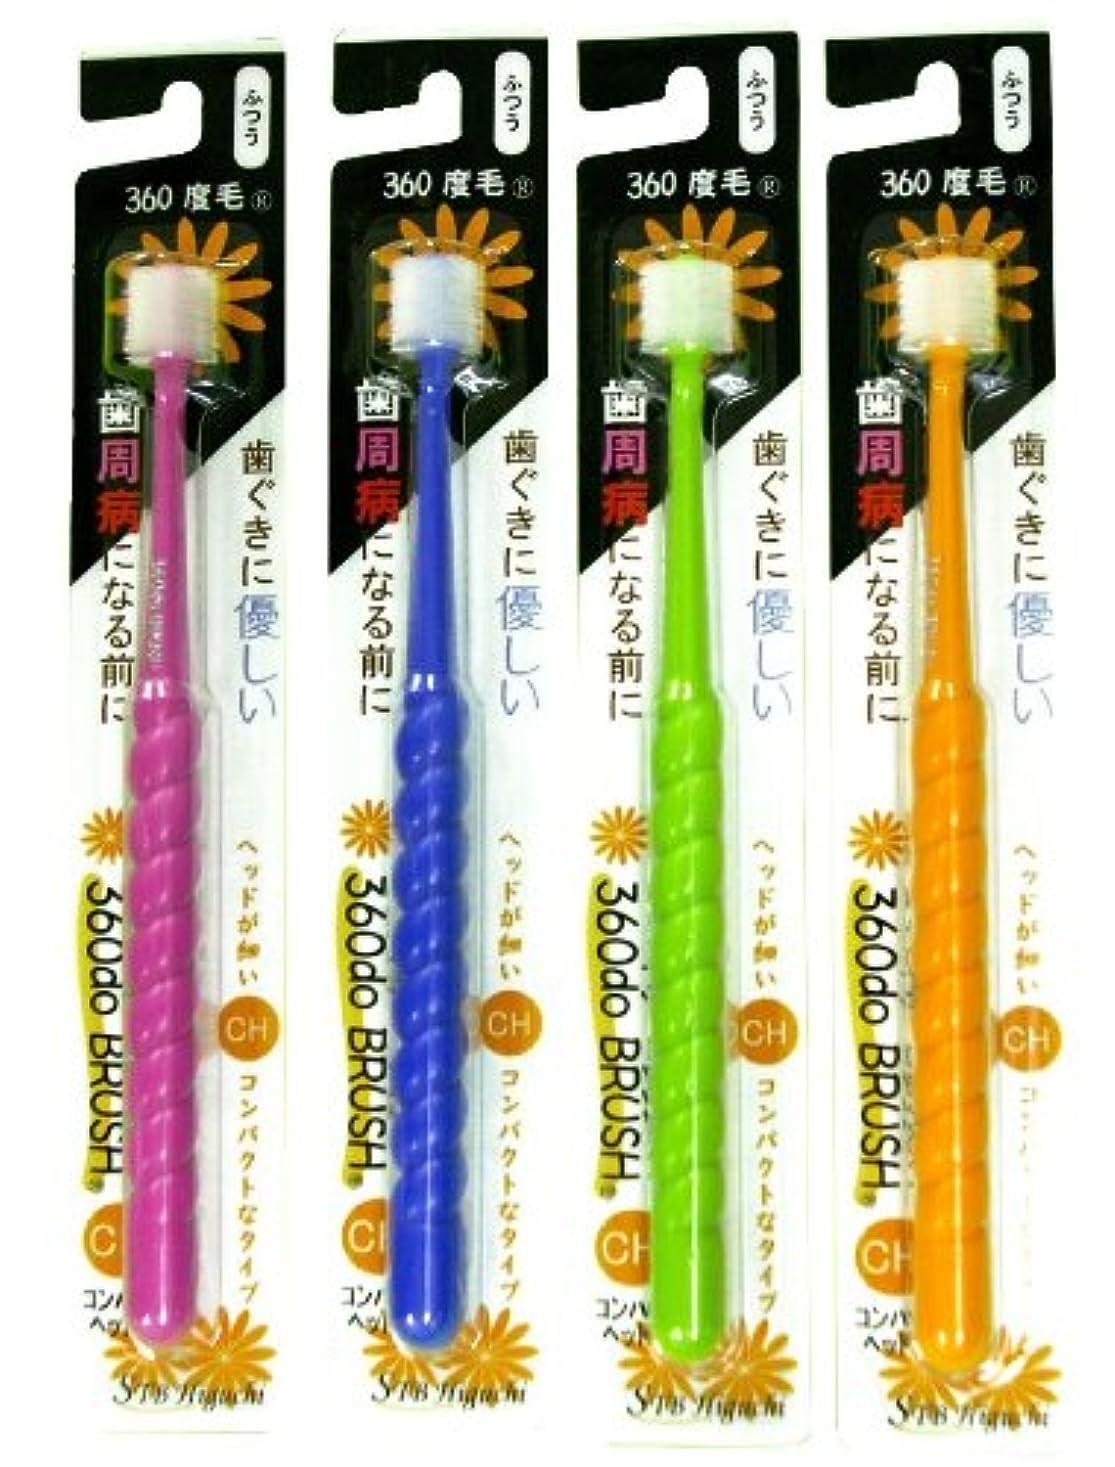 ランプ乳剤金曜日360度歯ブラシ 360do BRUSH コンパクトヘッド(CH)(カラーは1色おまかせ)